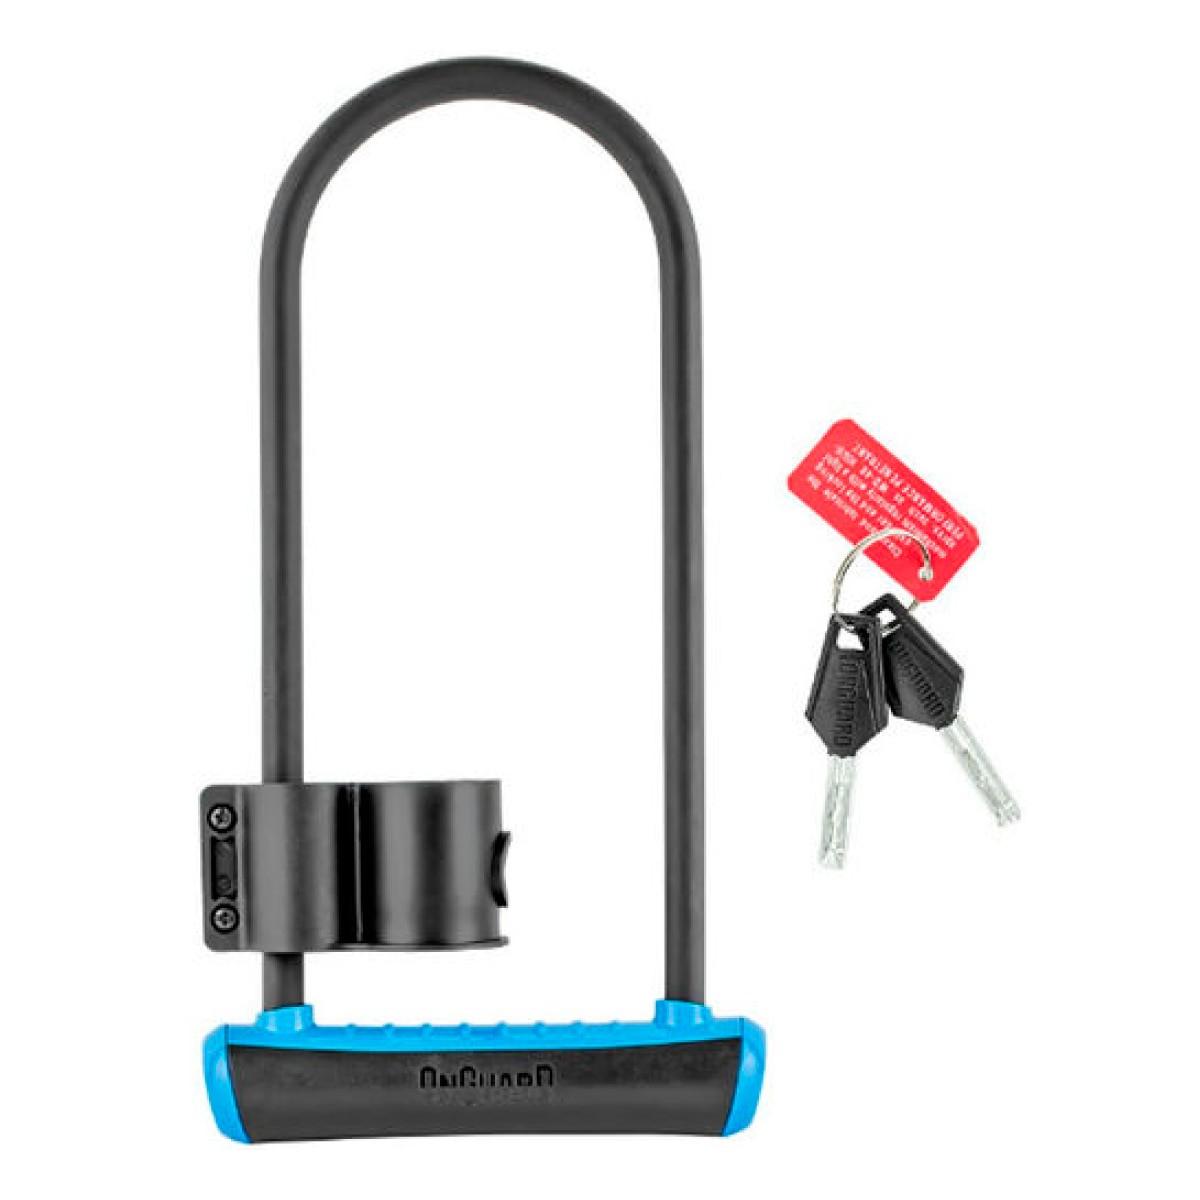 Cadeado U-Lock Onguard Neon 8152 Azul